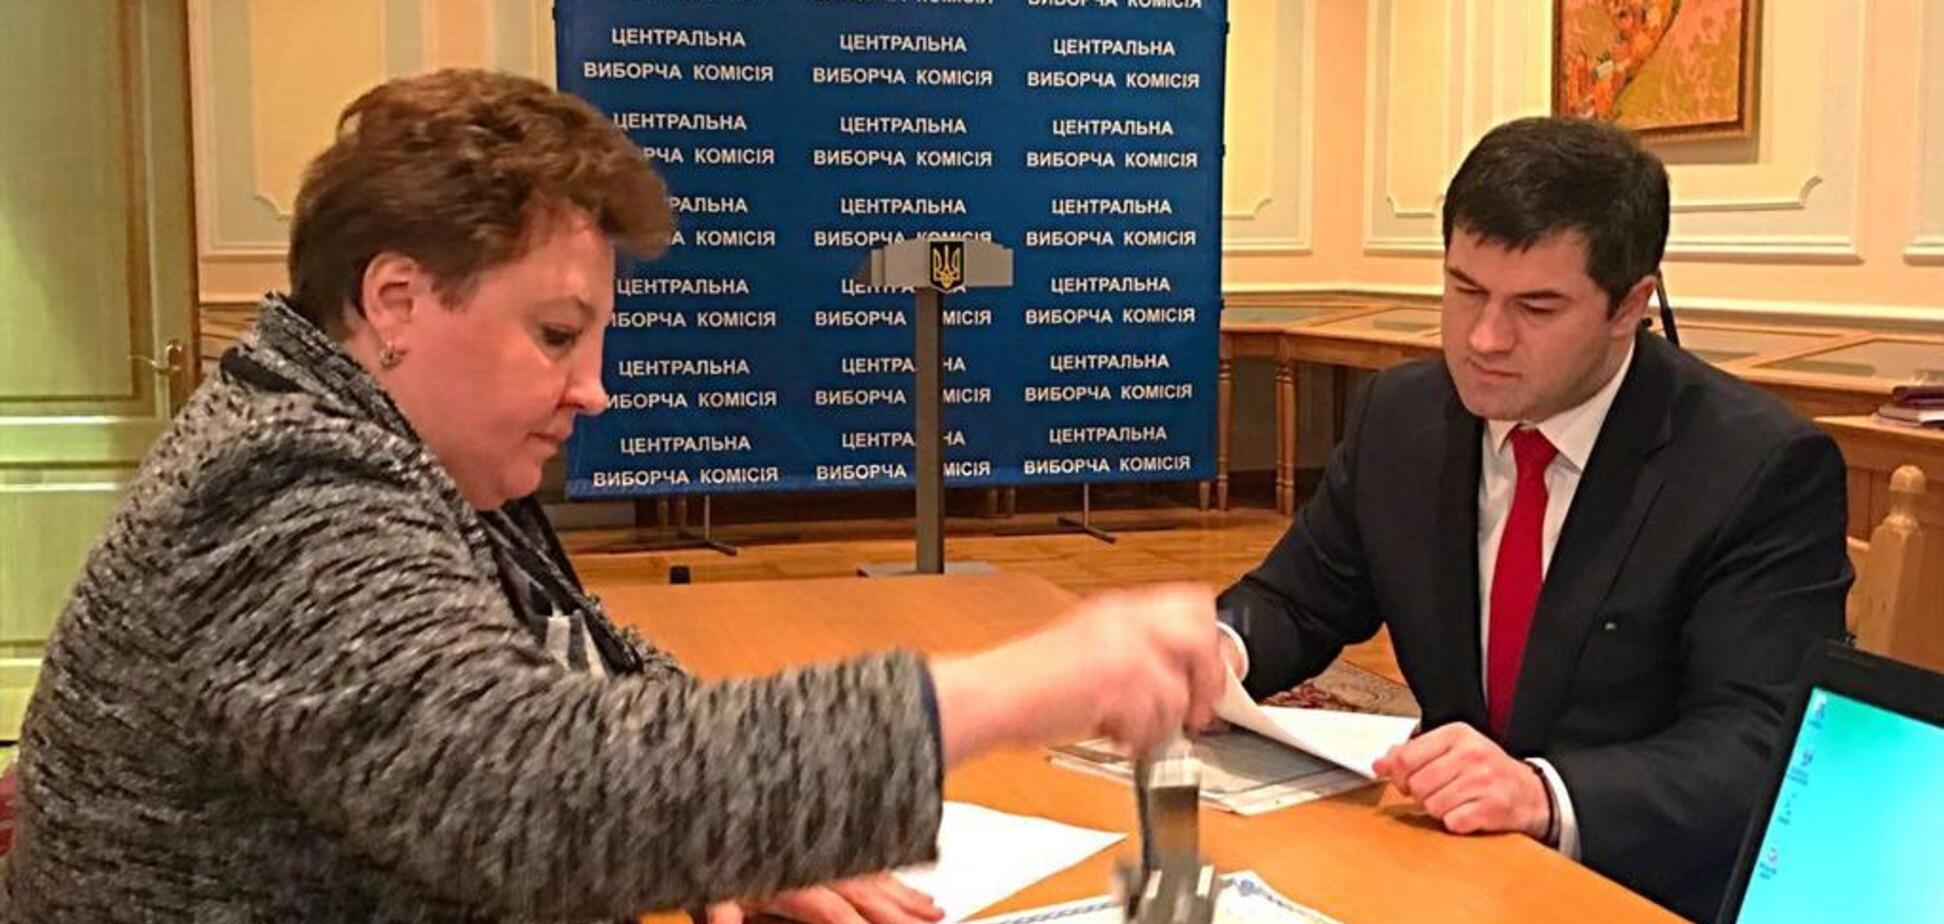 Насиров подал в ЦИК документы для участия в выборах президента